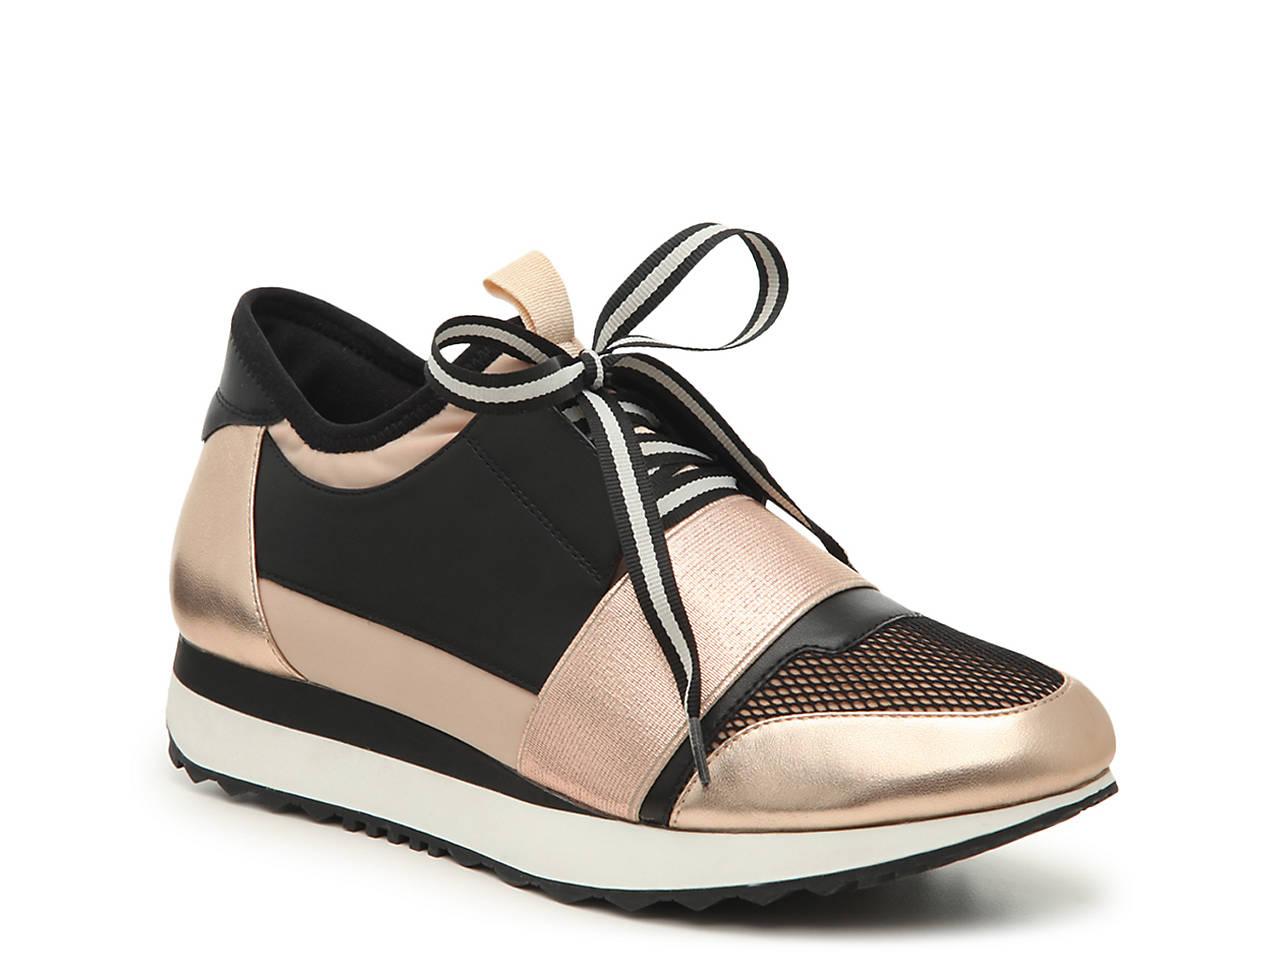 637061dc28c Steve Madden Kaiyo Sneaker Women s Shoes